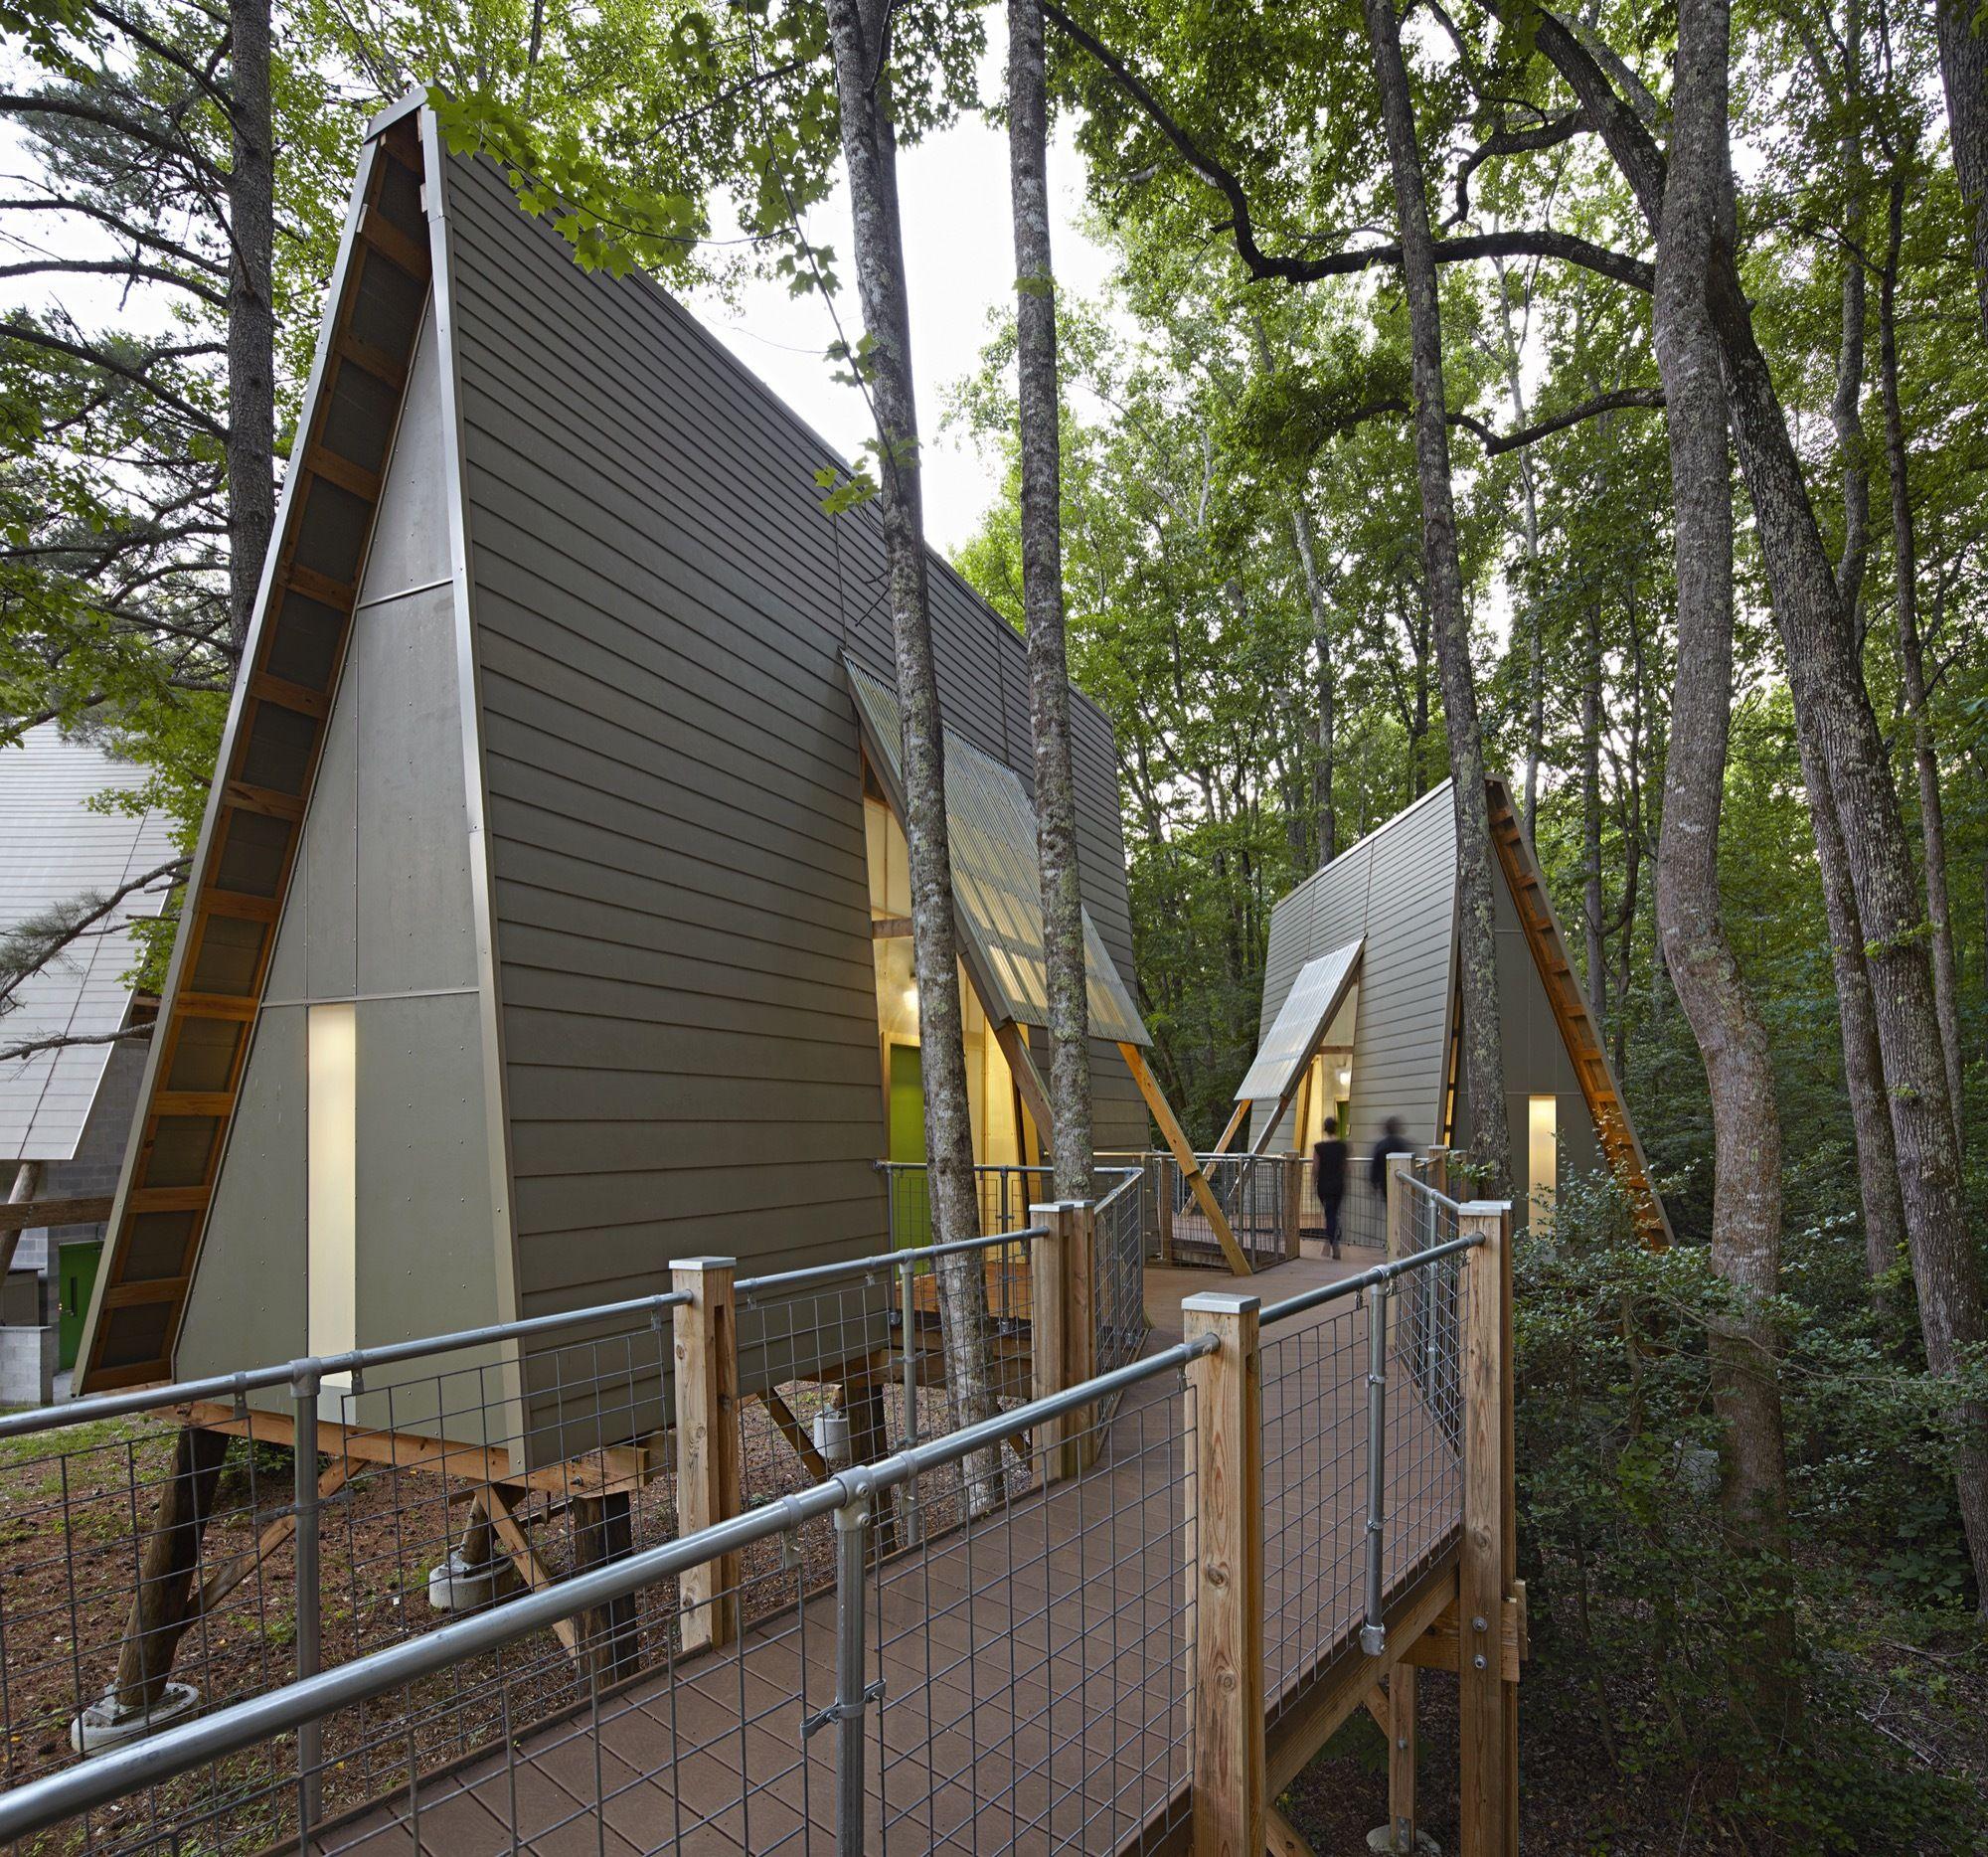 Tree House Unit At Camp Graham Weinstein Friedlein Architects